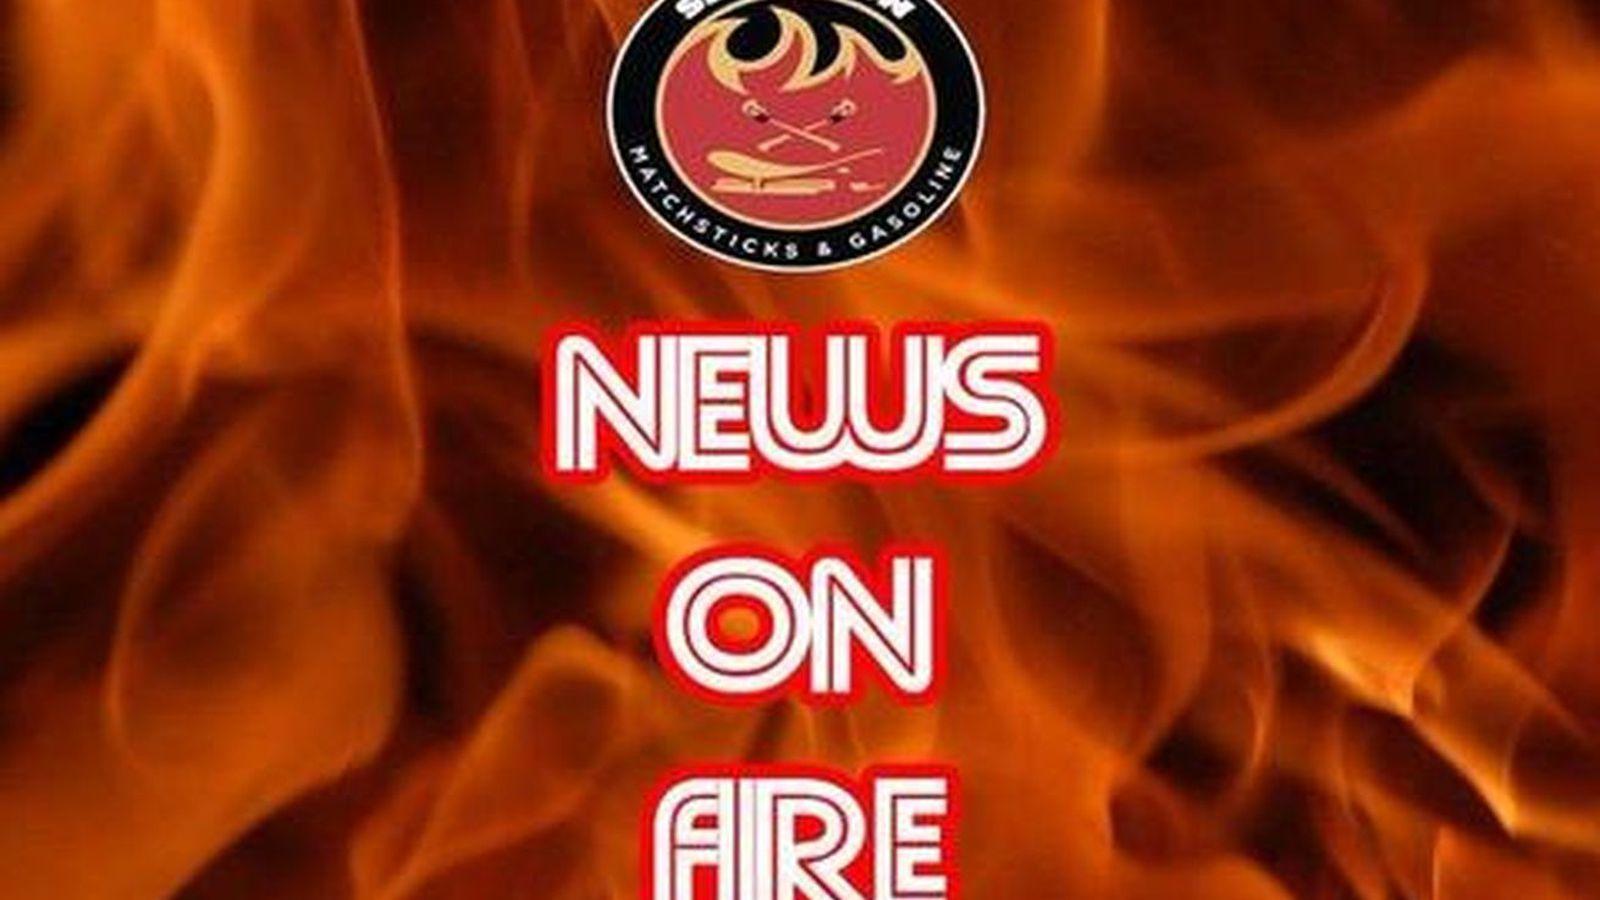 News_on_fire.0.0.0